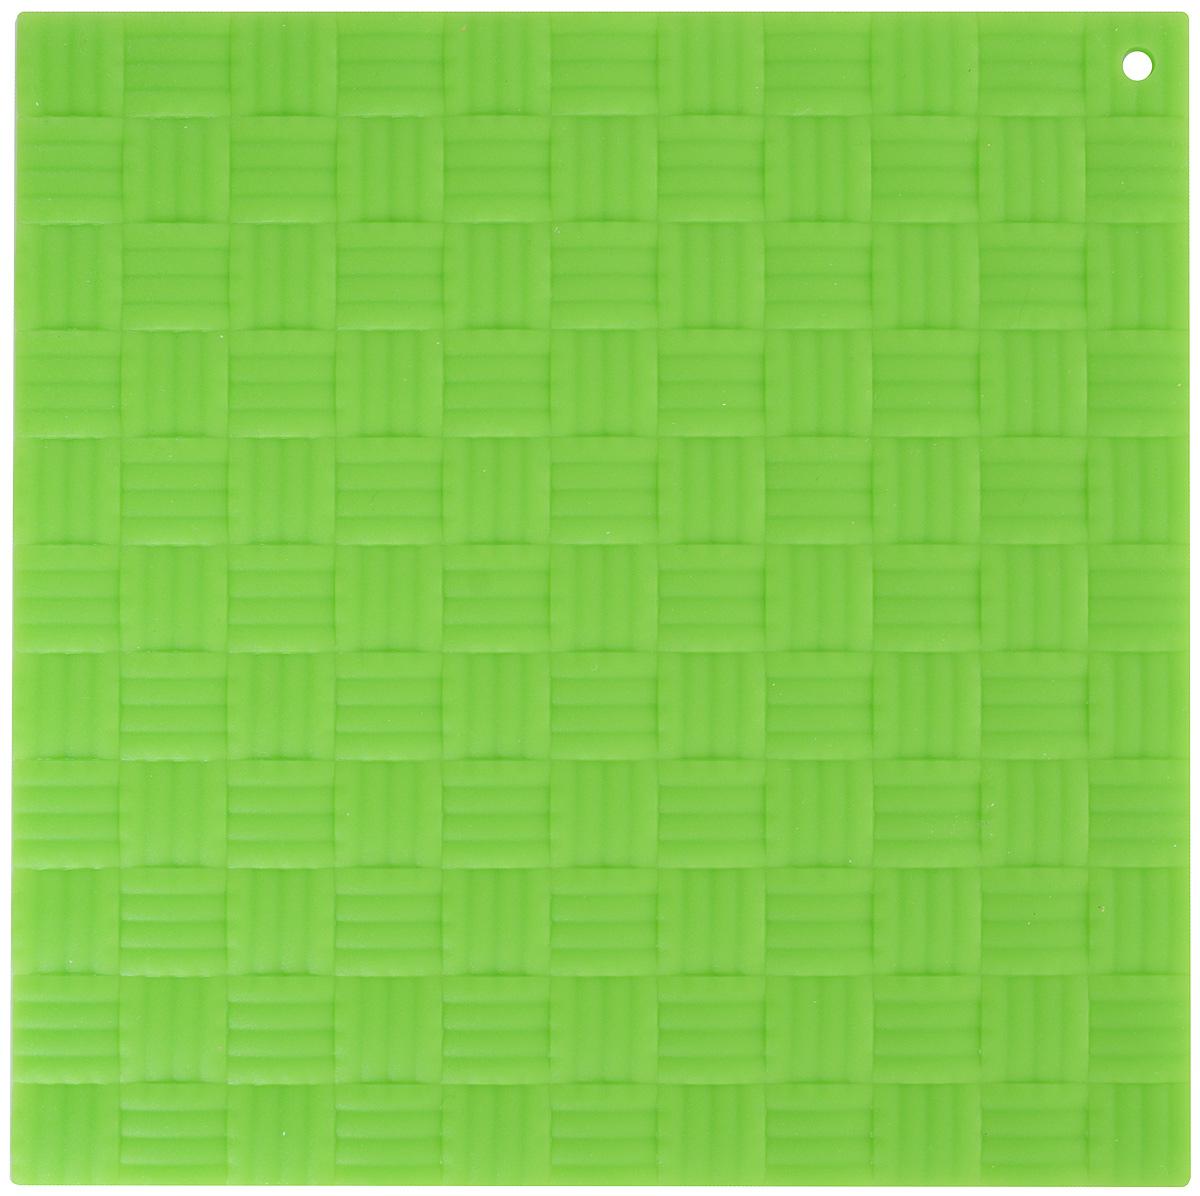 Подставка под горячее Paterra, силиконовая, цвет: зеленый, 17,5 х 17,5 см402-499_зеленыйПодставка под горячее Paterra изготовлена из силикона и оснащена специальным отверстием для подвешивания. Материал позволяет выдерживать высокие температуры и не скользит по поверхности стола. Каждая хозяйка знает, что подставка под горячее - это незаменимый и очень полезный аксессуар на каждой кухне. Ваш стол будет не только украшен яркой и оригинальной подставкой, но и сбережен от воздействия высоких температур.